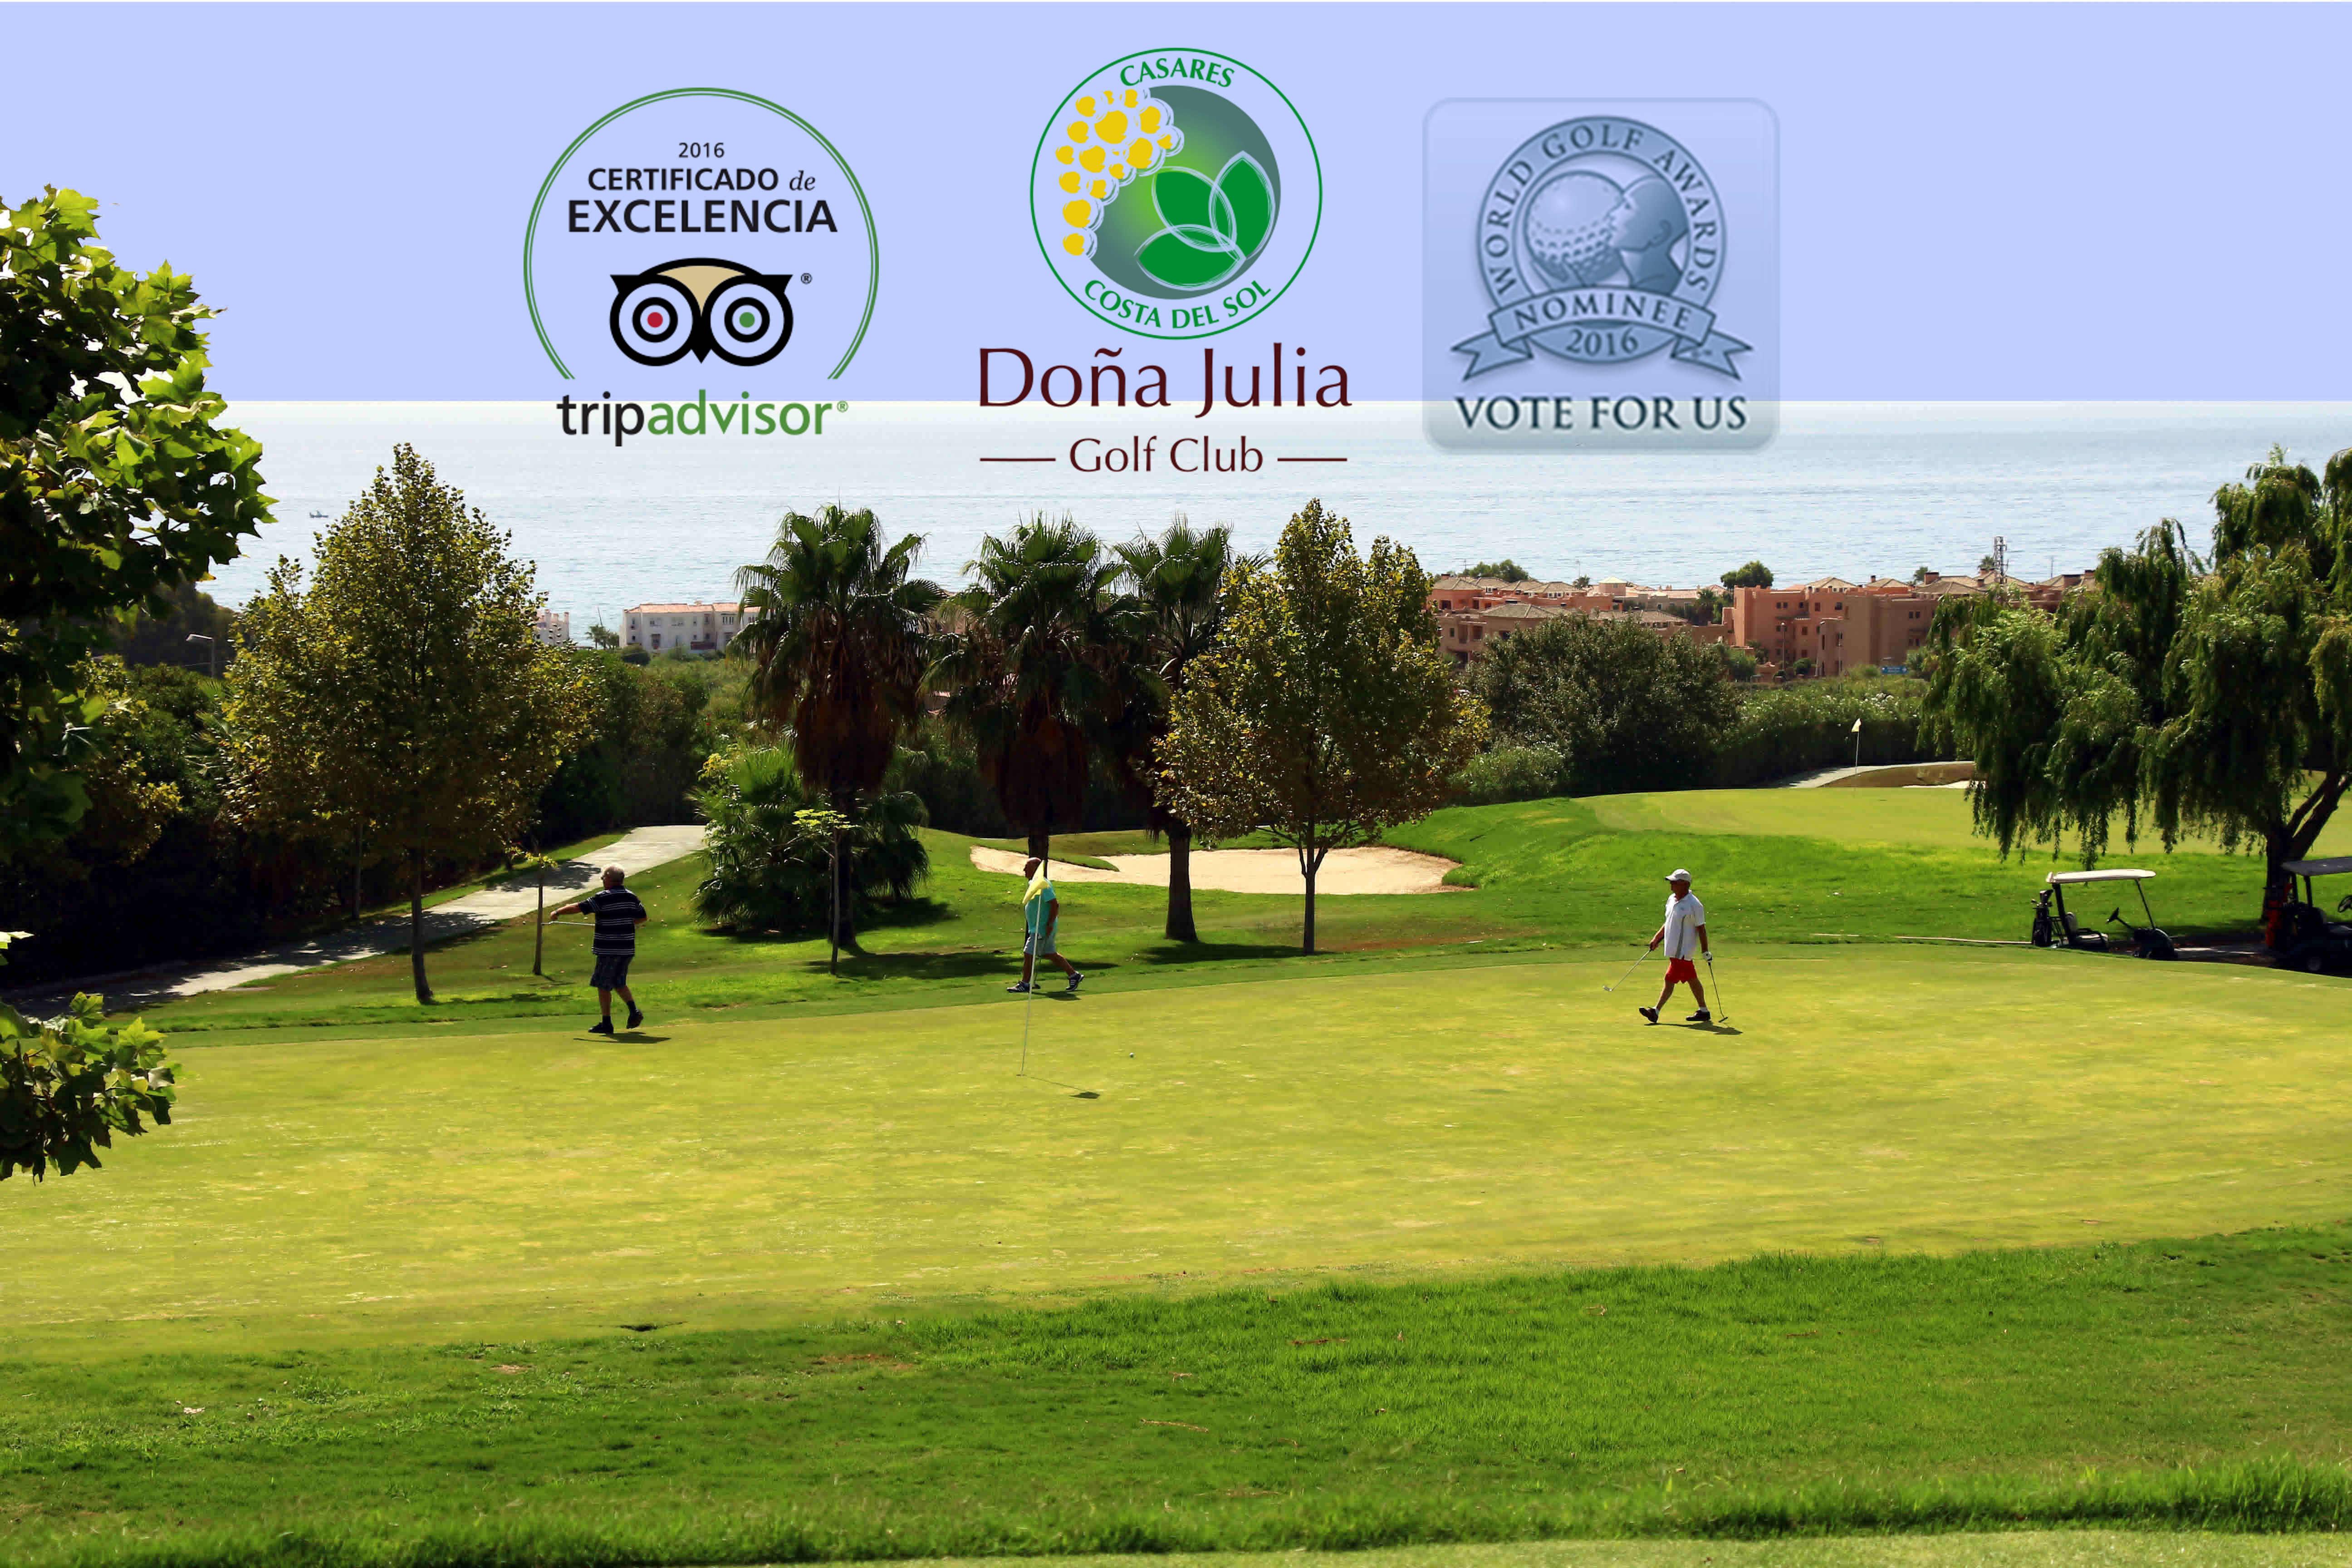 """Tripadvisor brinda en el 2016 a Doña Julia Golf Club con el """"Certificado de Excelencia"""" y World Golf Awards nomina como Mejor Campo de Golf de España"""